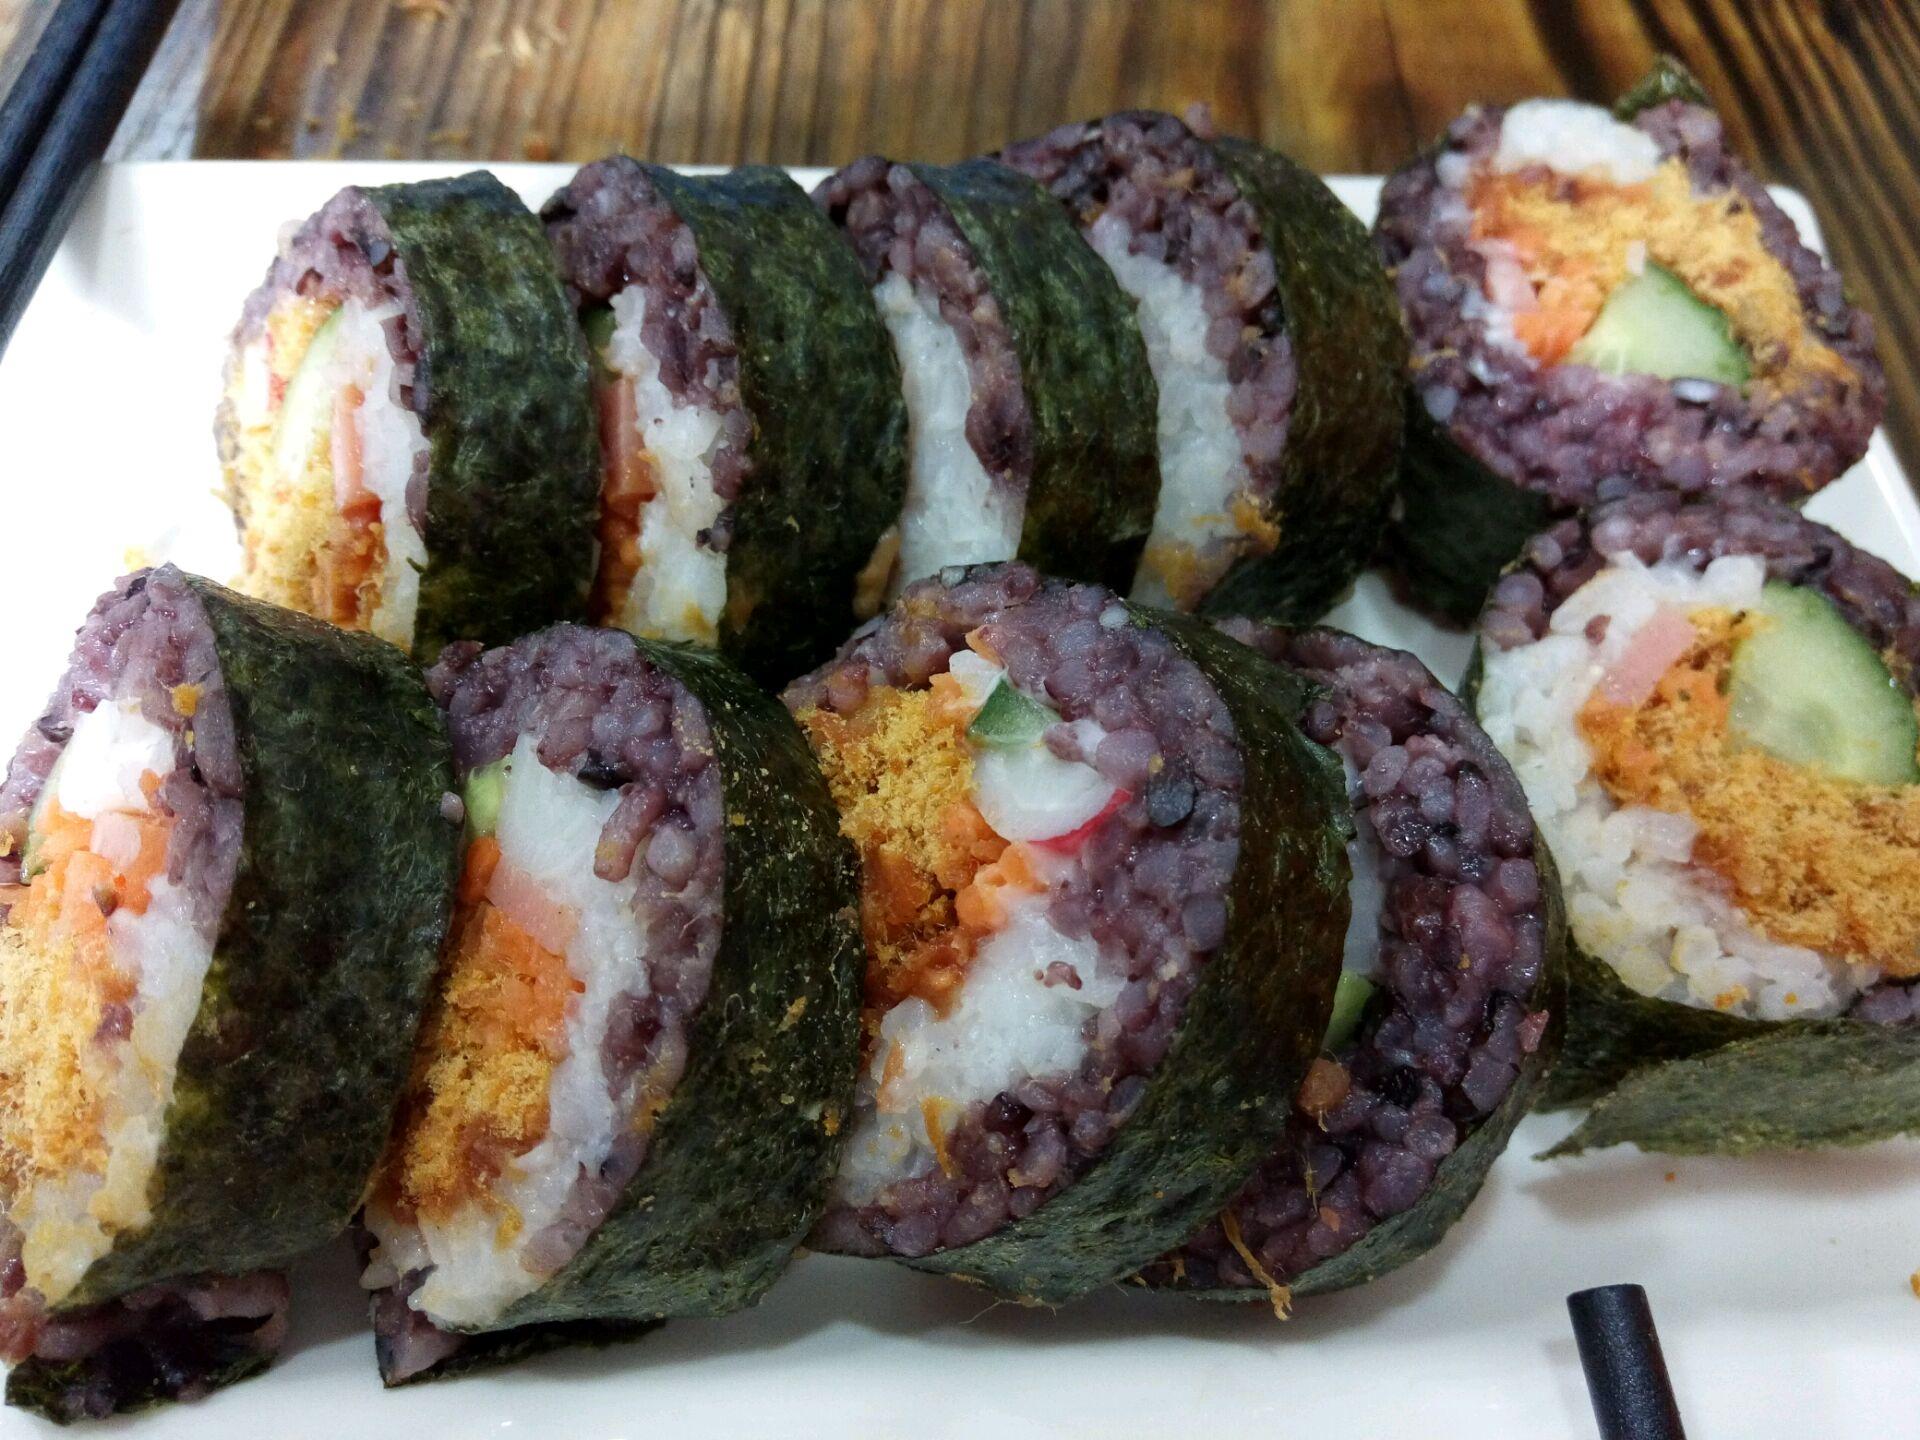 双色寿司的做法_【图解】双色寿司怎么做如何做好吃